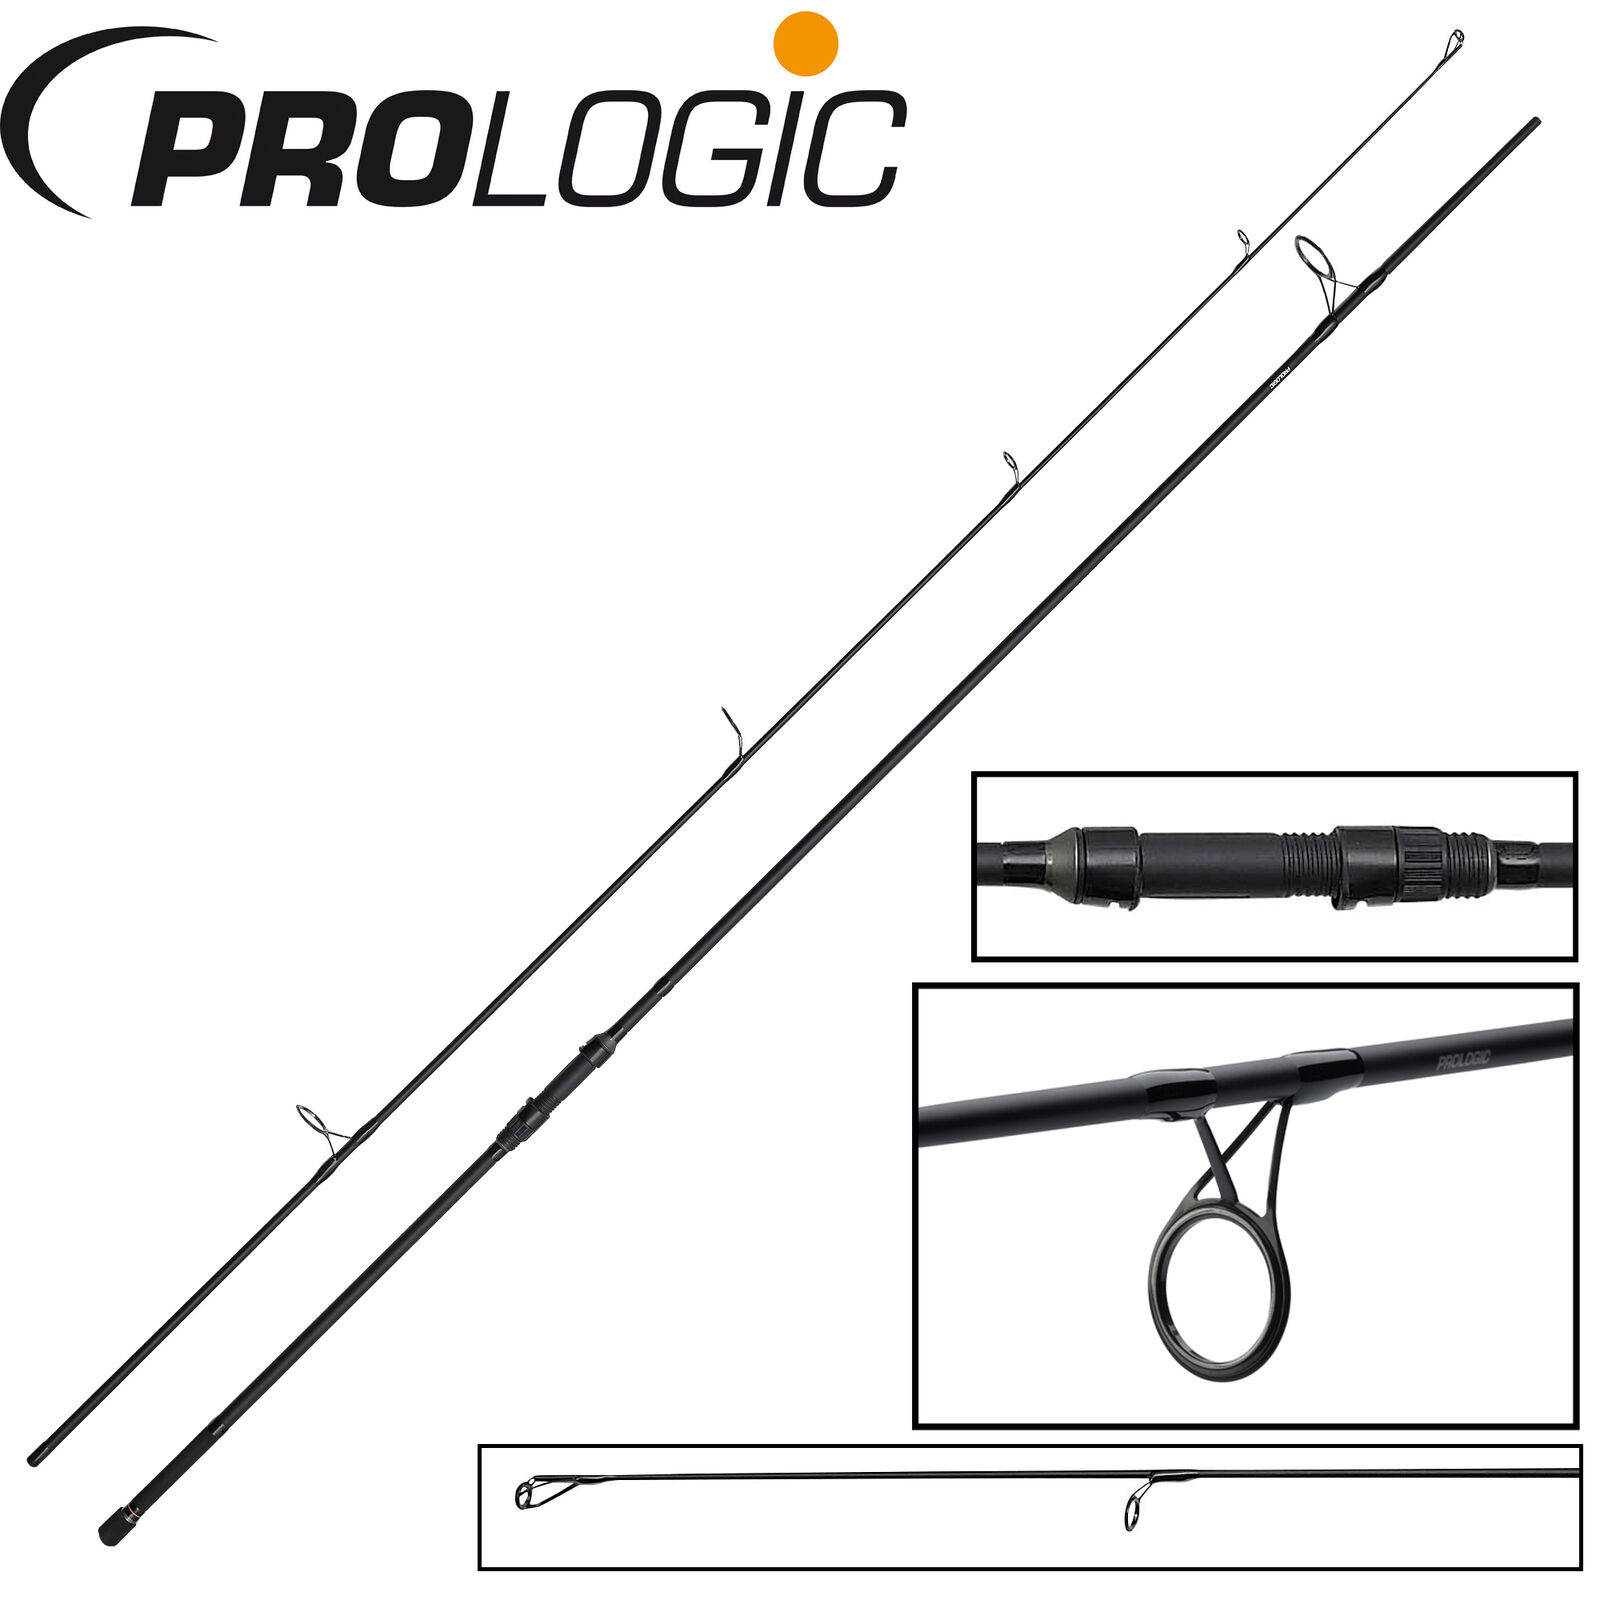 Prologic Classic Angelrute 3 60m 3lbs Karpfenrute Grundrute Friedfischrute